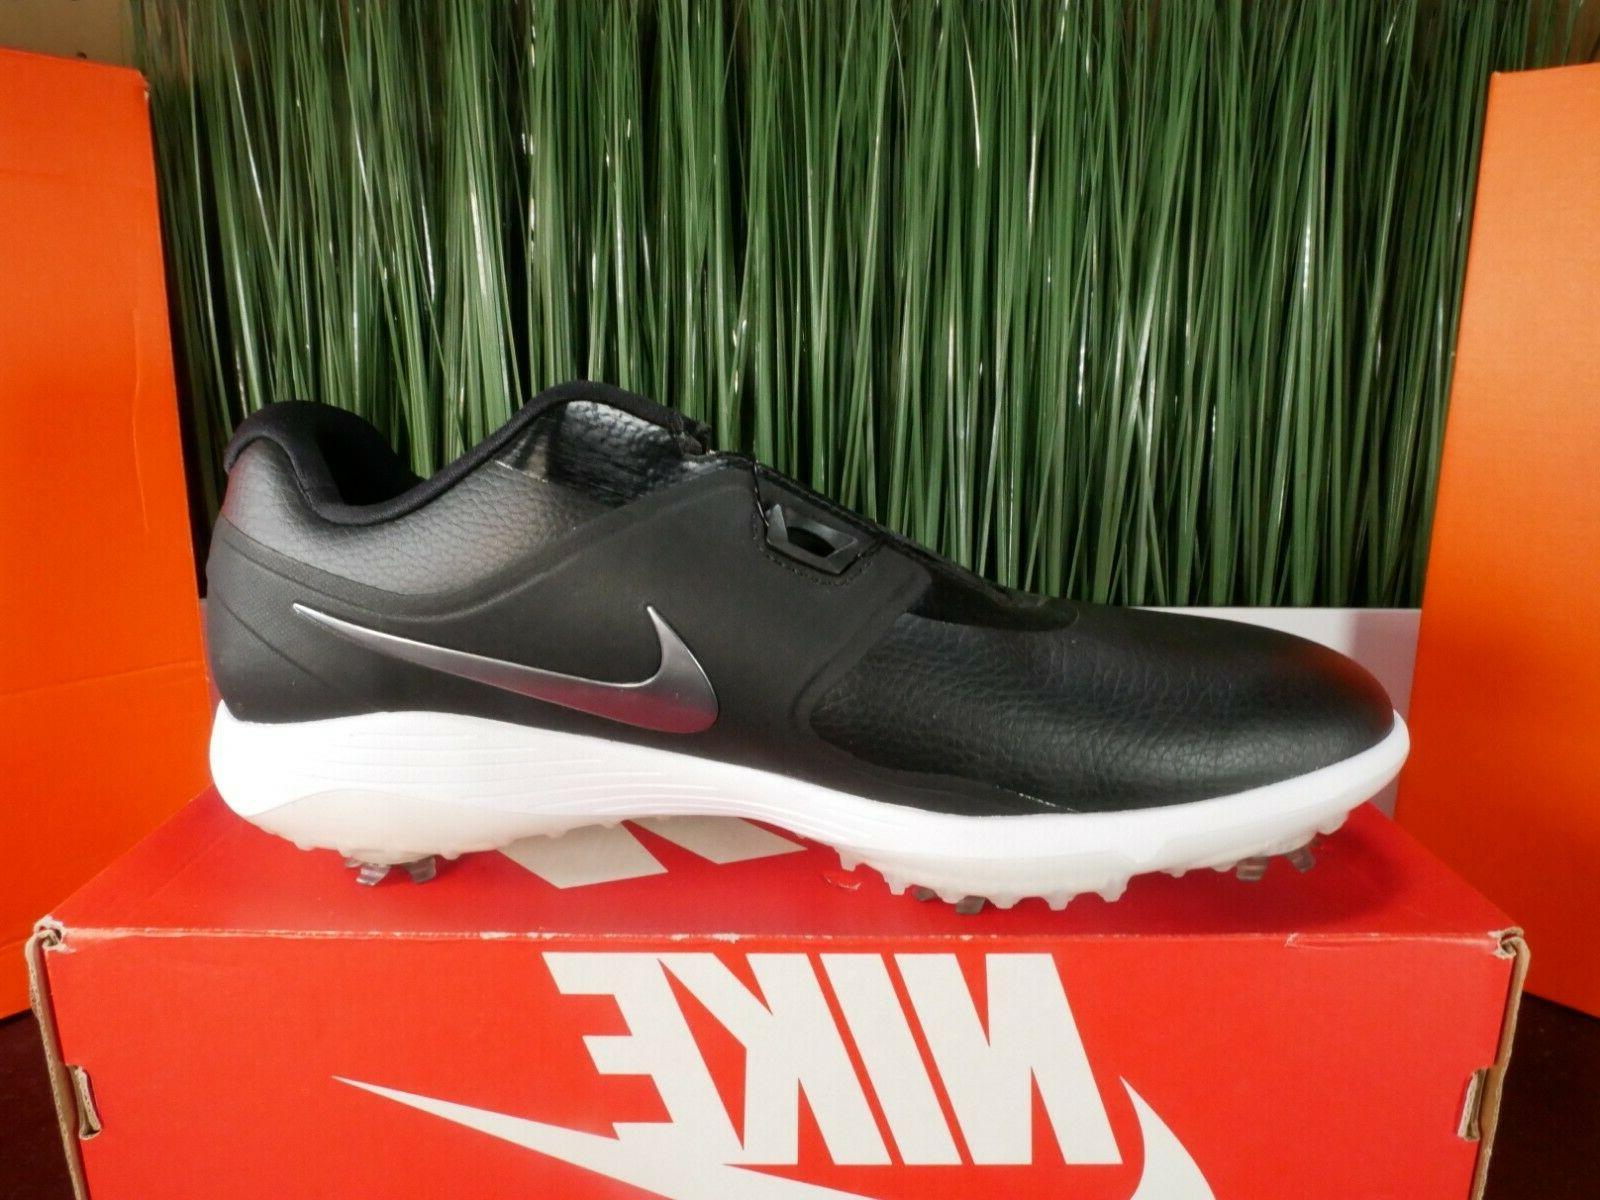 Nike Mens Golf Shoes Black/White AQ1789-001